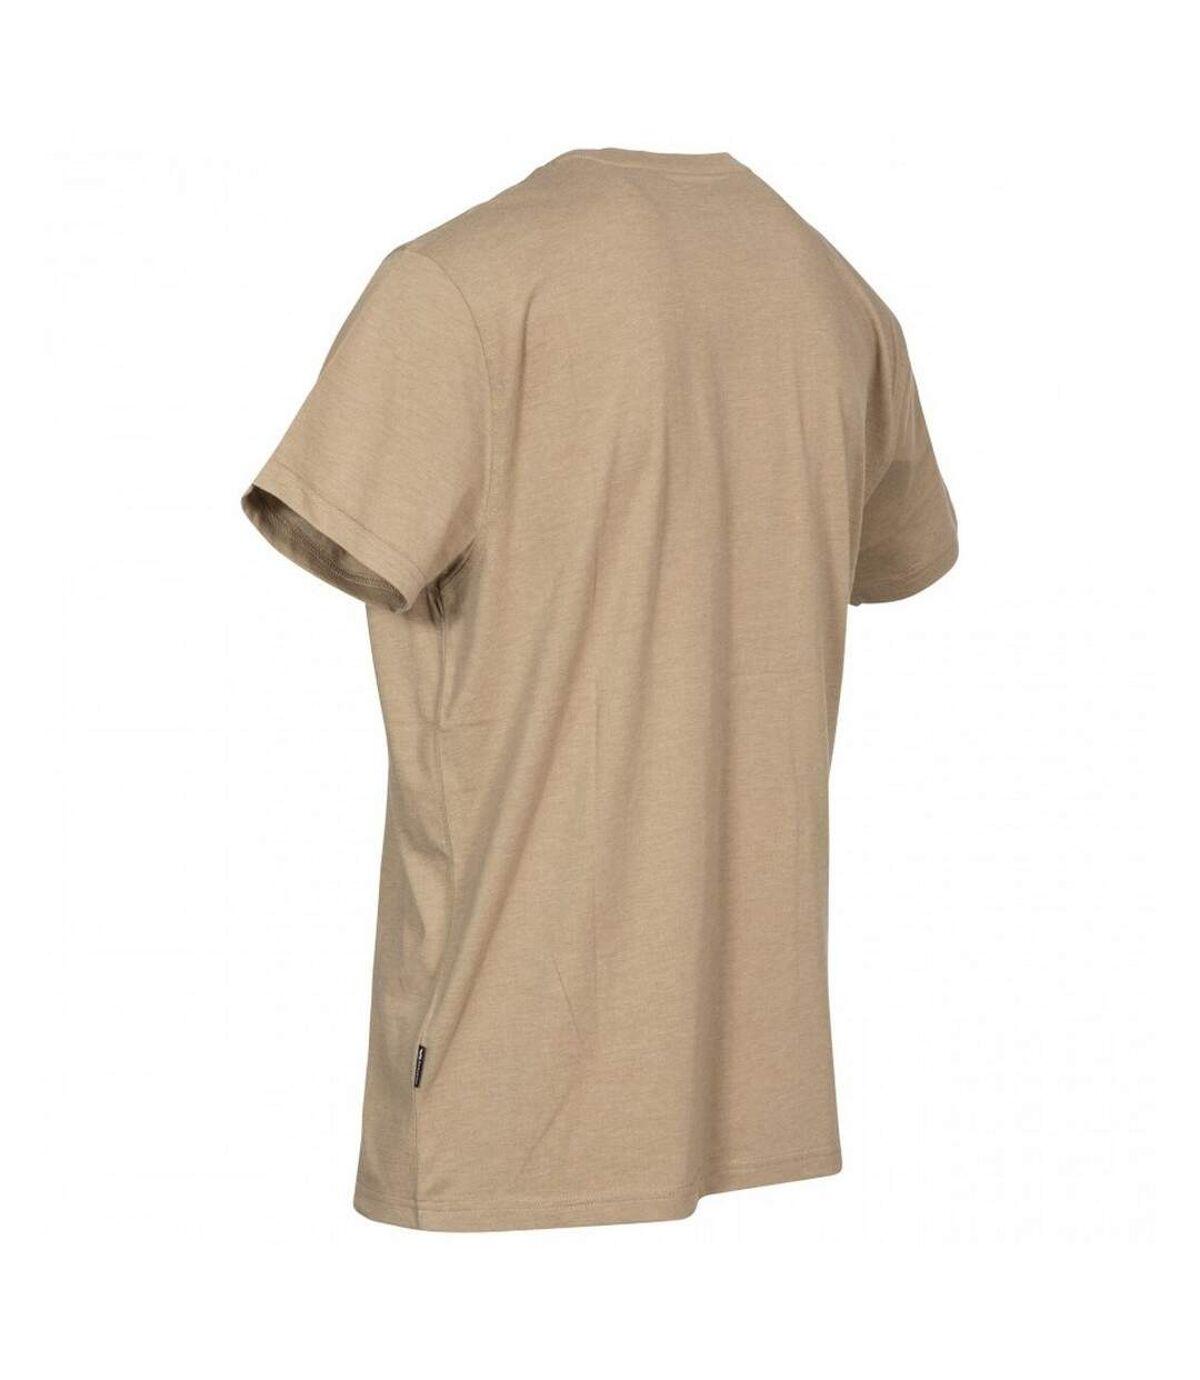 Trespass Mens Estate T-Shirt (Oatmeal Marl) - UTTP4296